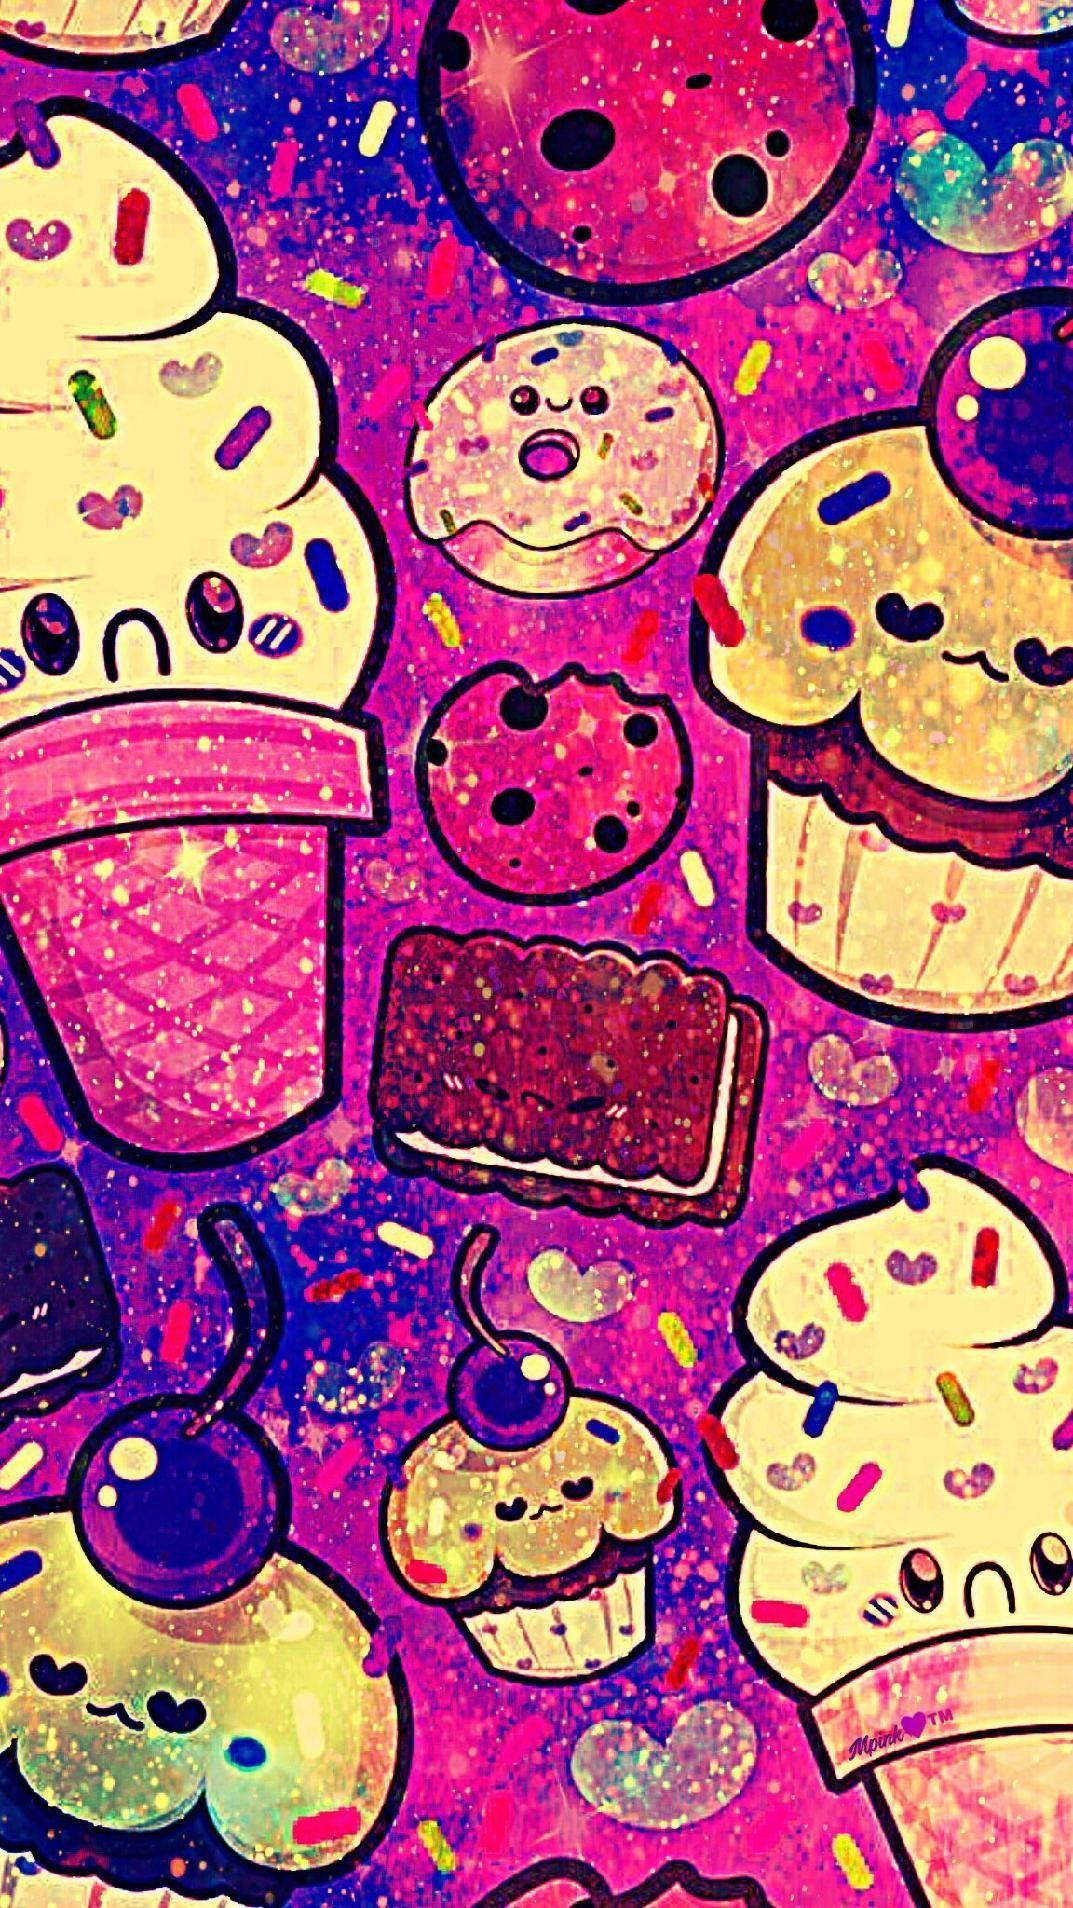 Kawaii Dessert Galaxy Wallpaper Androidwallpaper Iphonewallpaper Wallpaper Galaxy Sparkle Glitter Lockscreen Galaxy Wallpaper Iphone Wallpaper Wallpaper